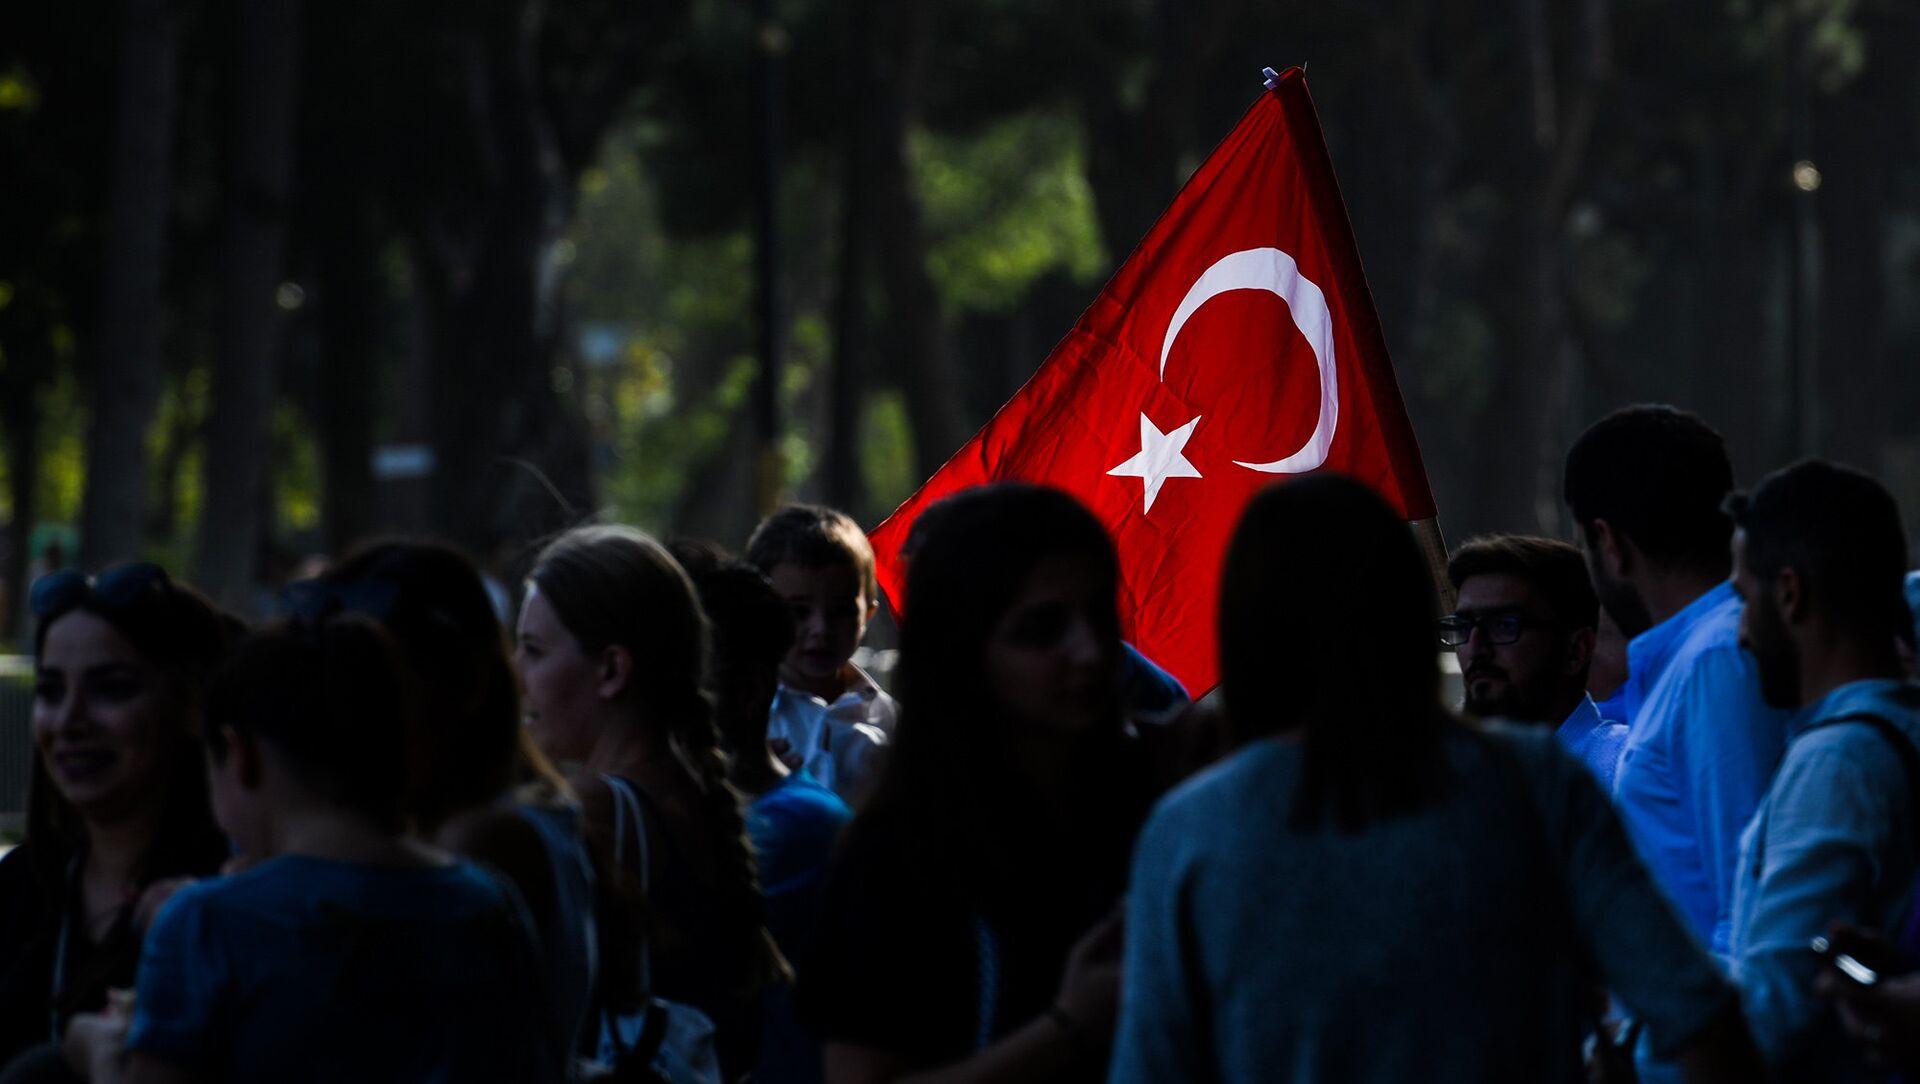 Военный парад по случаю 100-летия освобождения Баку Кавказской исламской армией. 15 сентября 2018 года - Sputnik Азербайджан, 1920, 28.03.2021